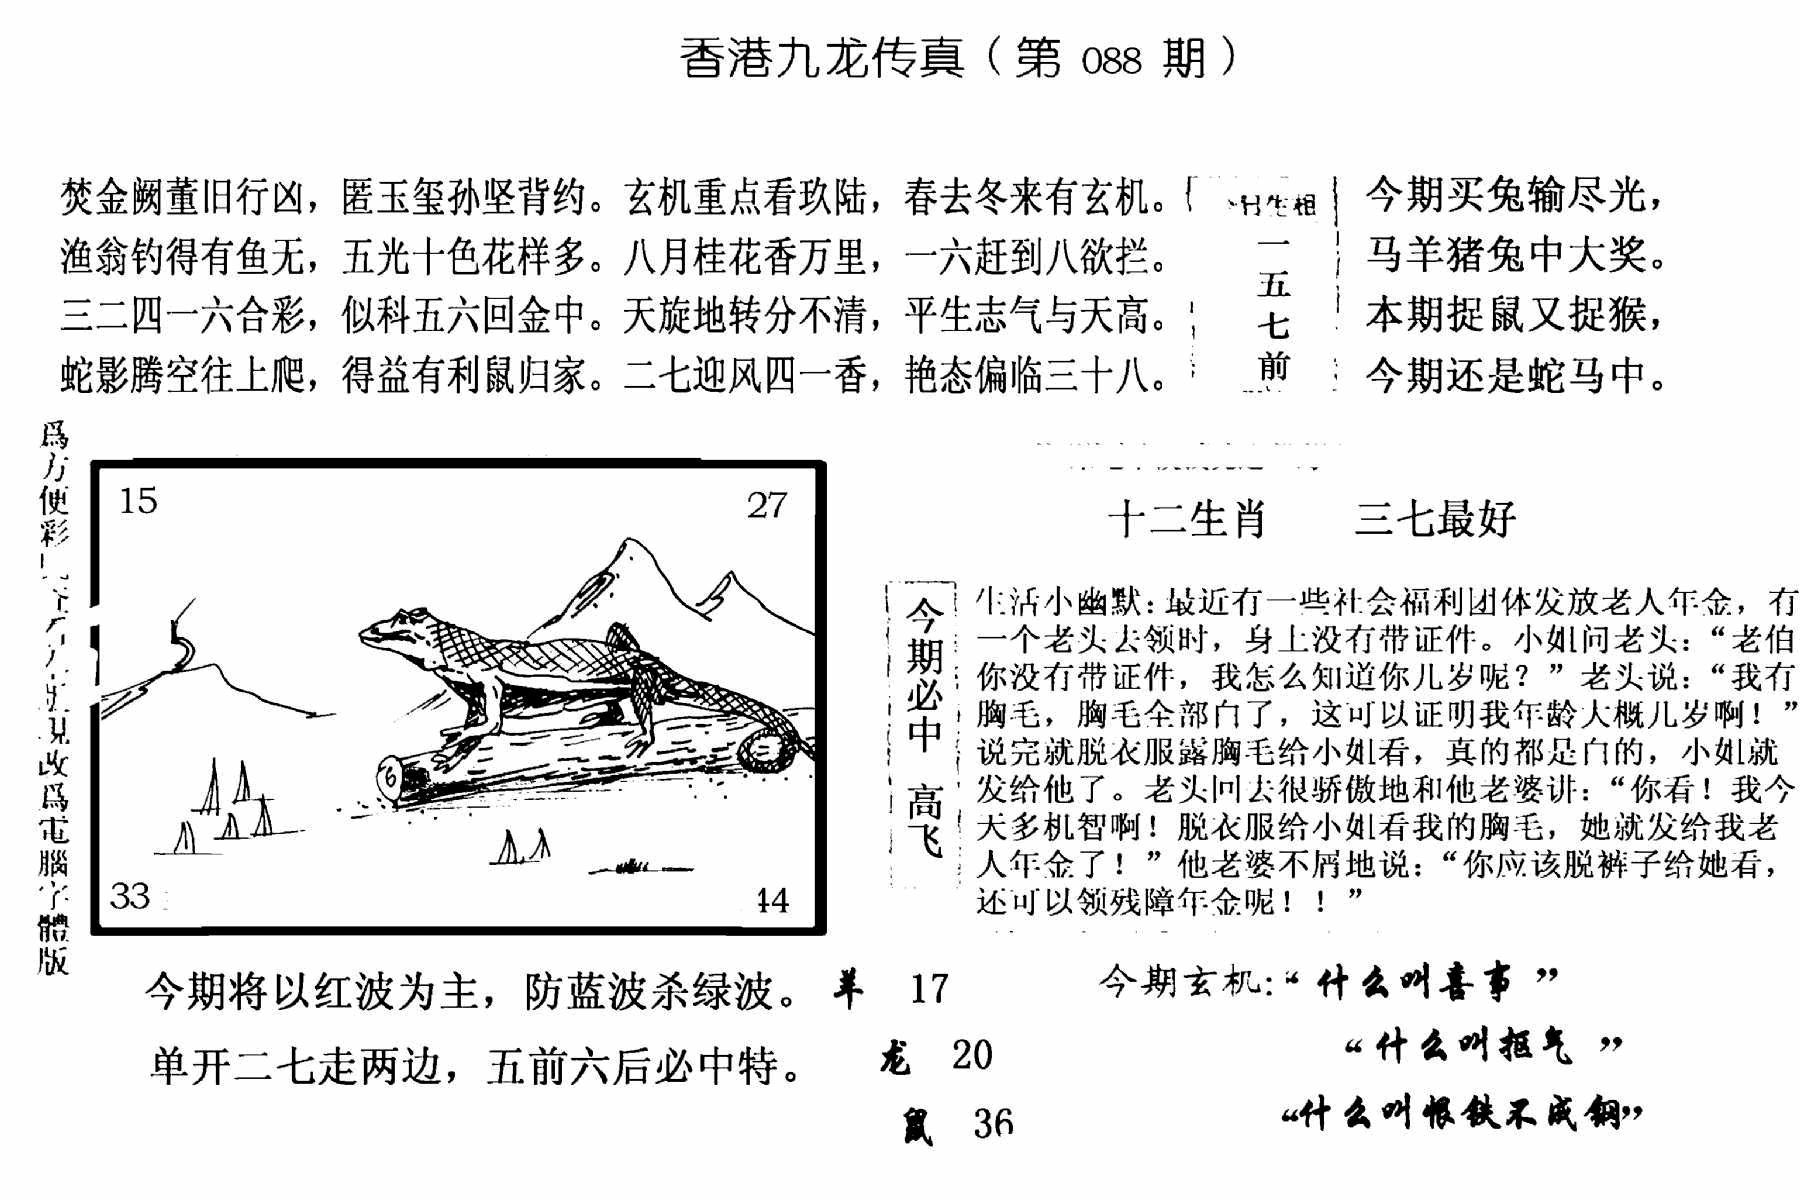 088期手写九龙内幕(电脑版)(黑白)